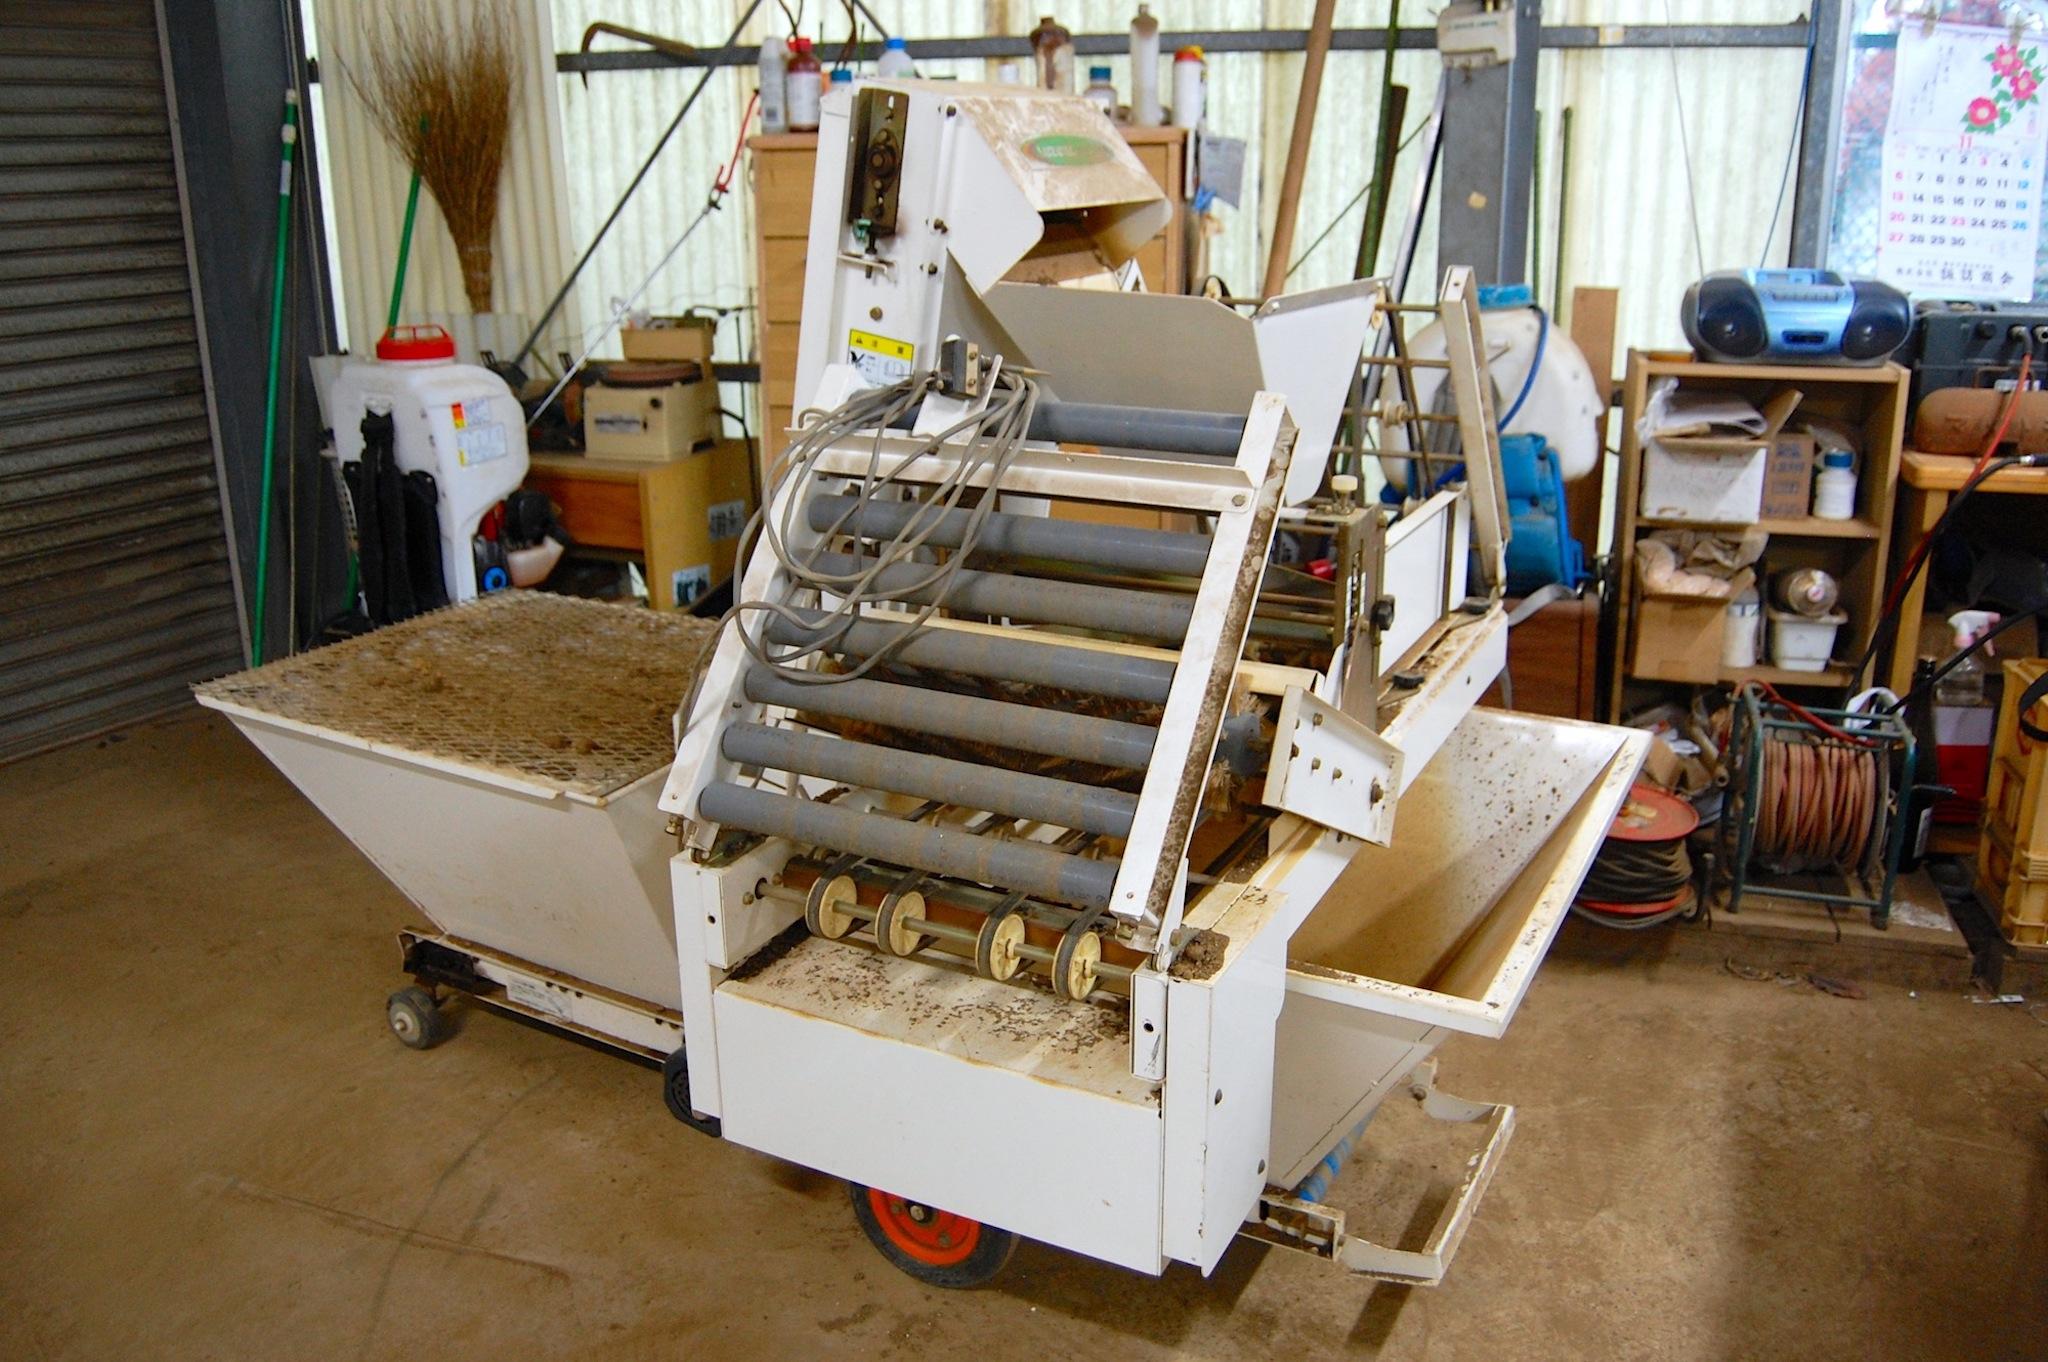 作った土を1つずつポットに入れていく機械